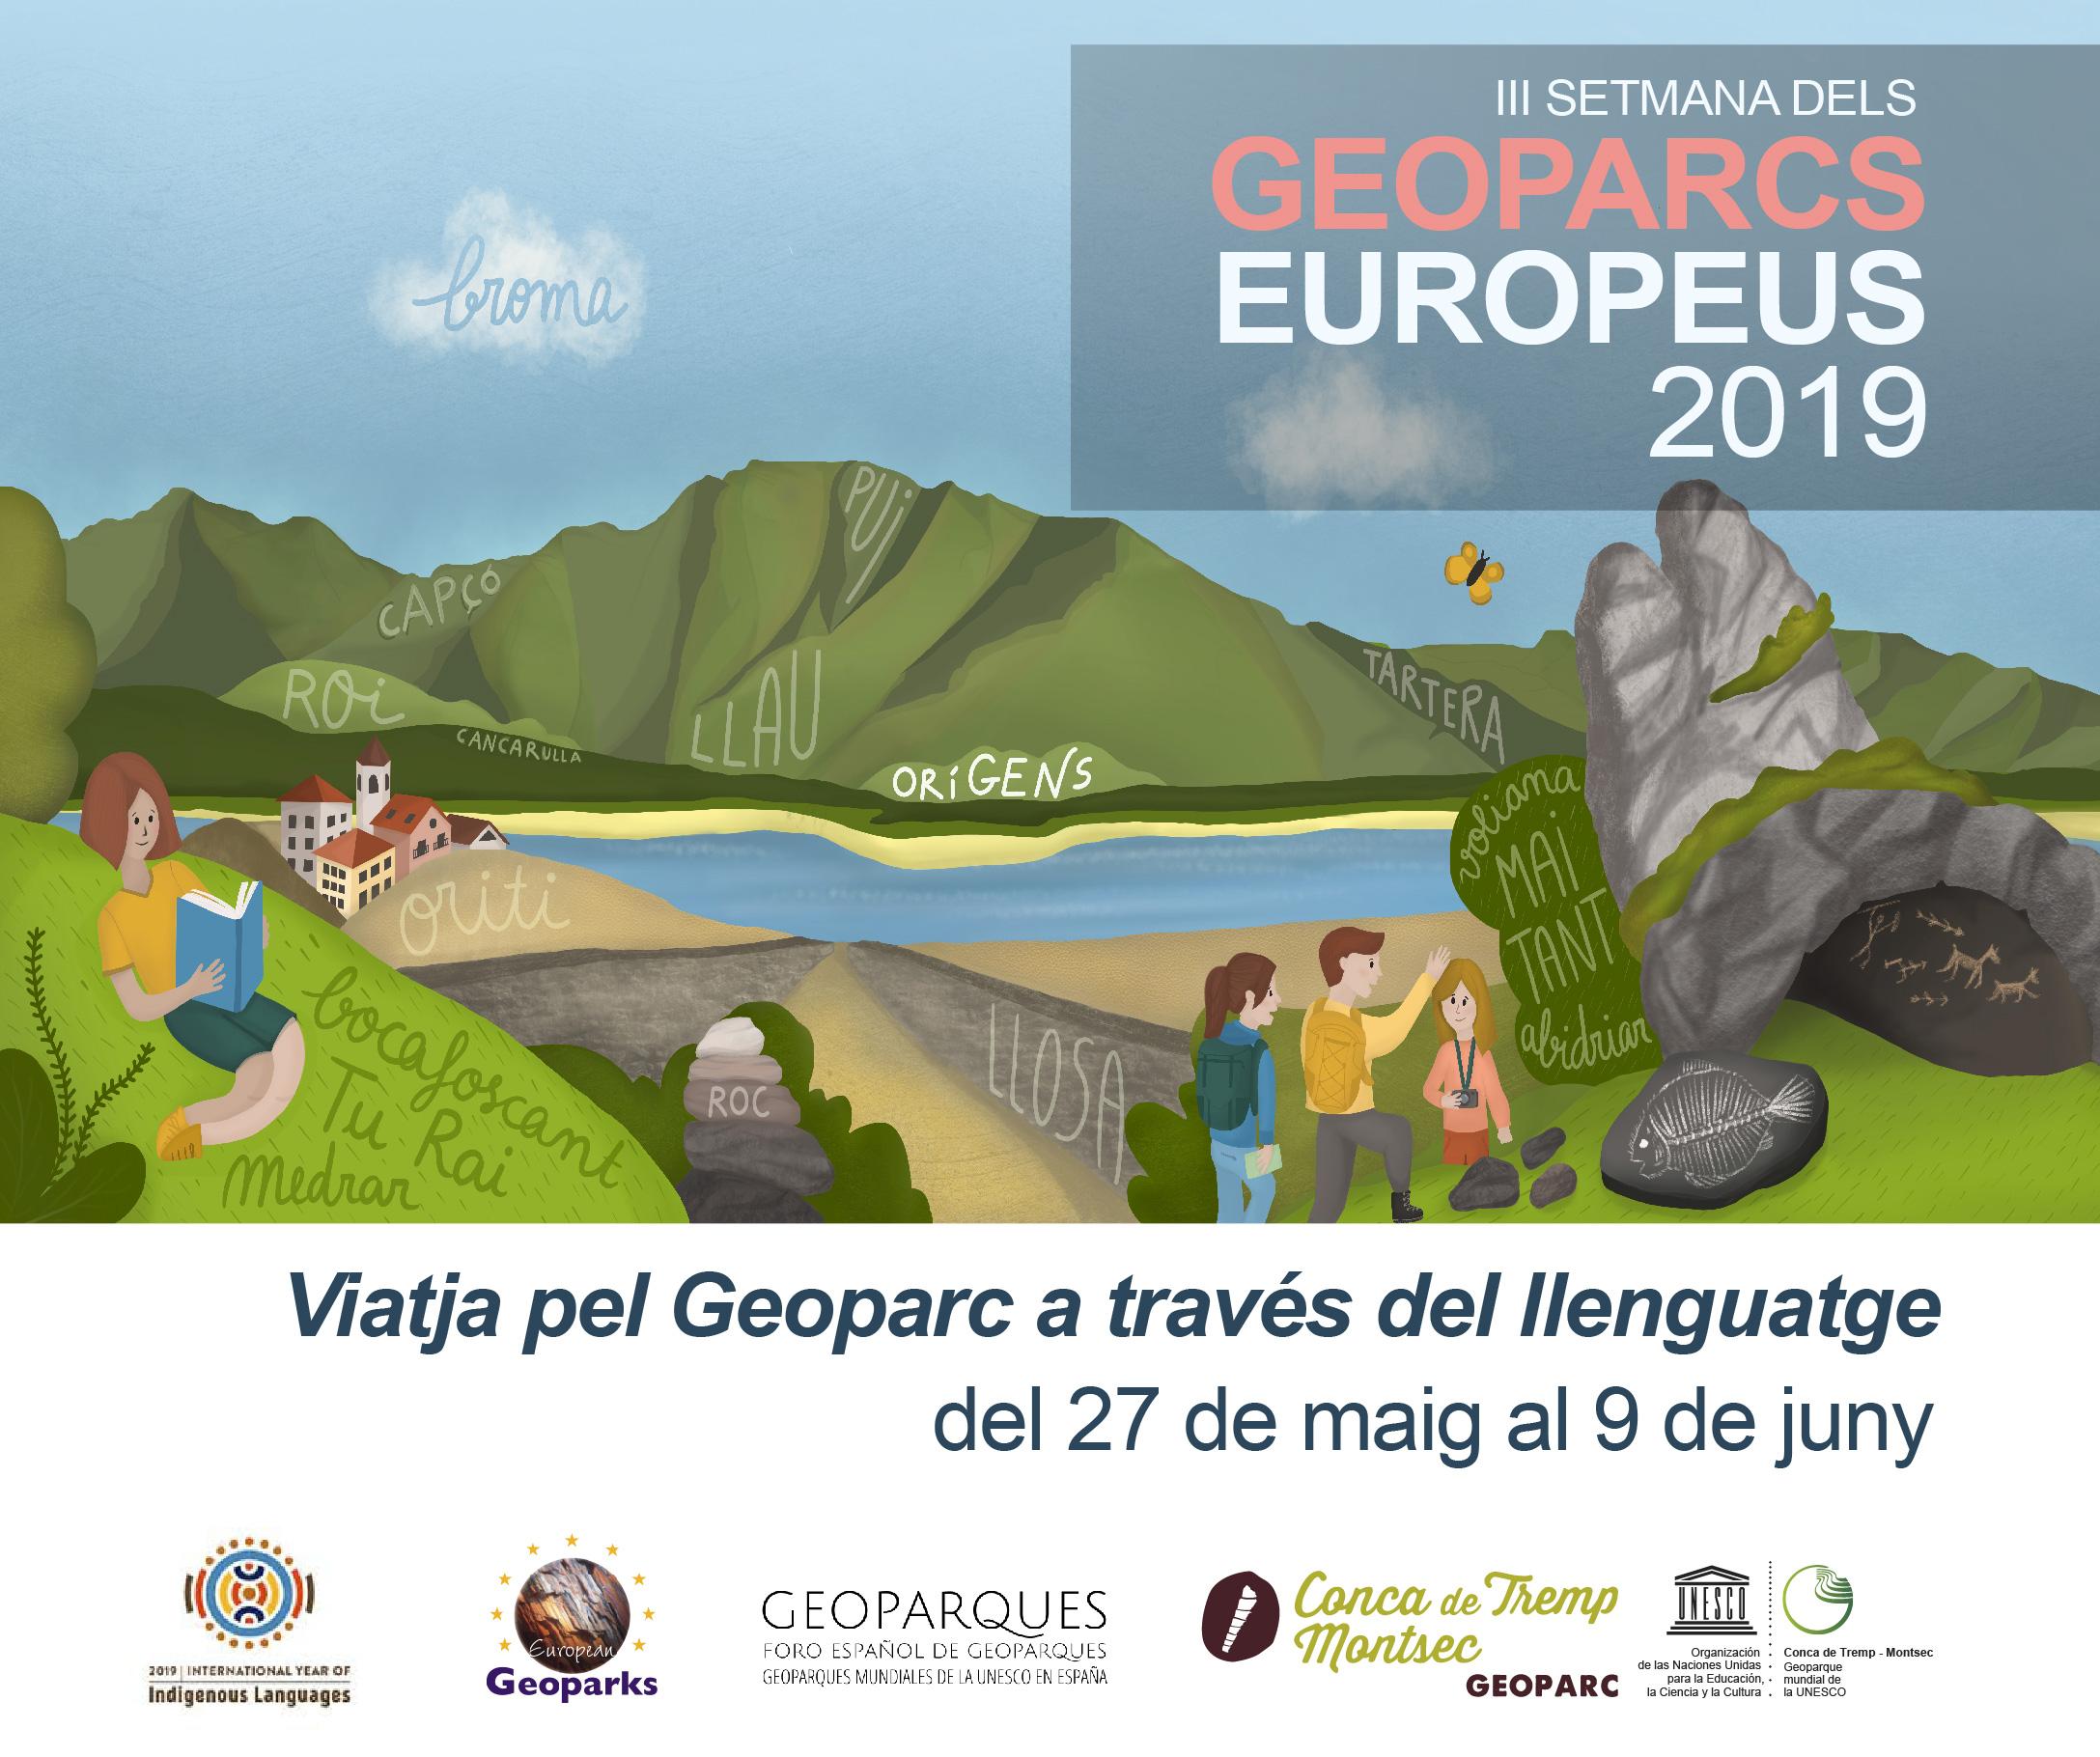 Setmana dels Geoparcs Europeus